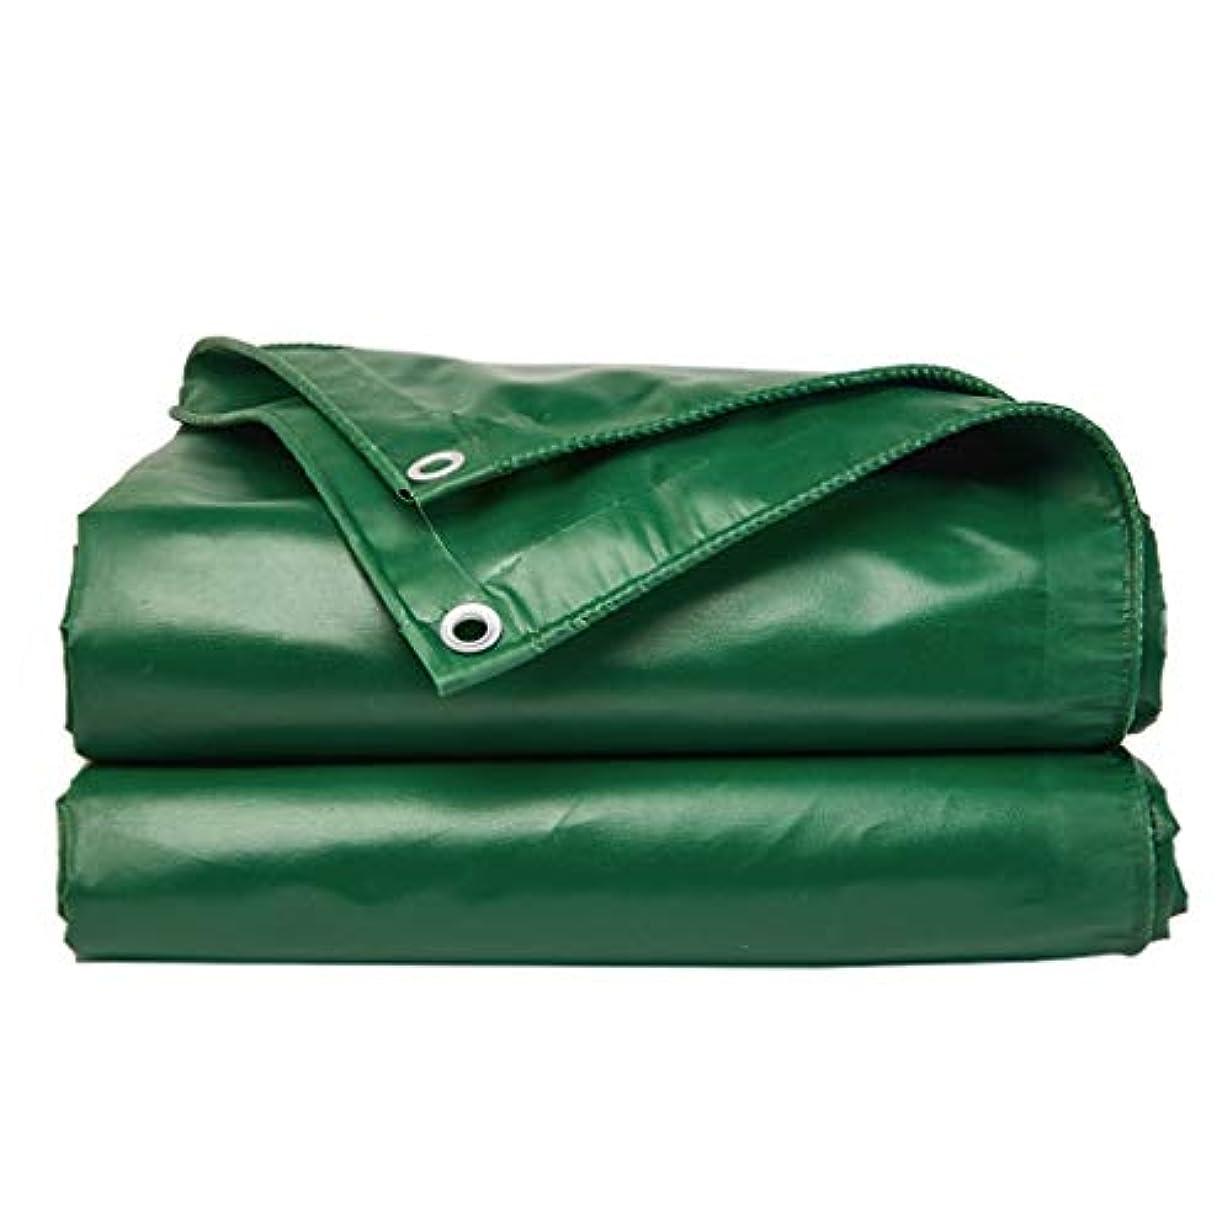 ビヨンインド品揃えSHYPwM 肥厚防雨布トラック防水布日焼け止めバイザーオックスフォード布屋外キャンバスレイン布防水シート防水布 (Size : 2x2m)